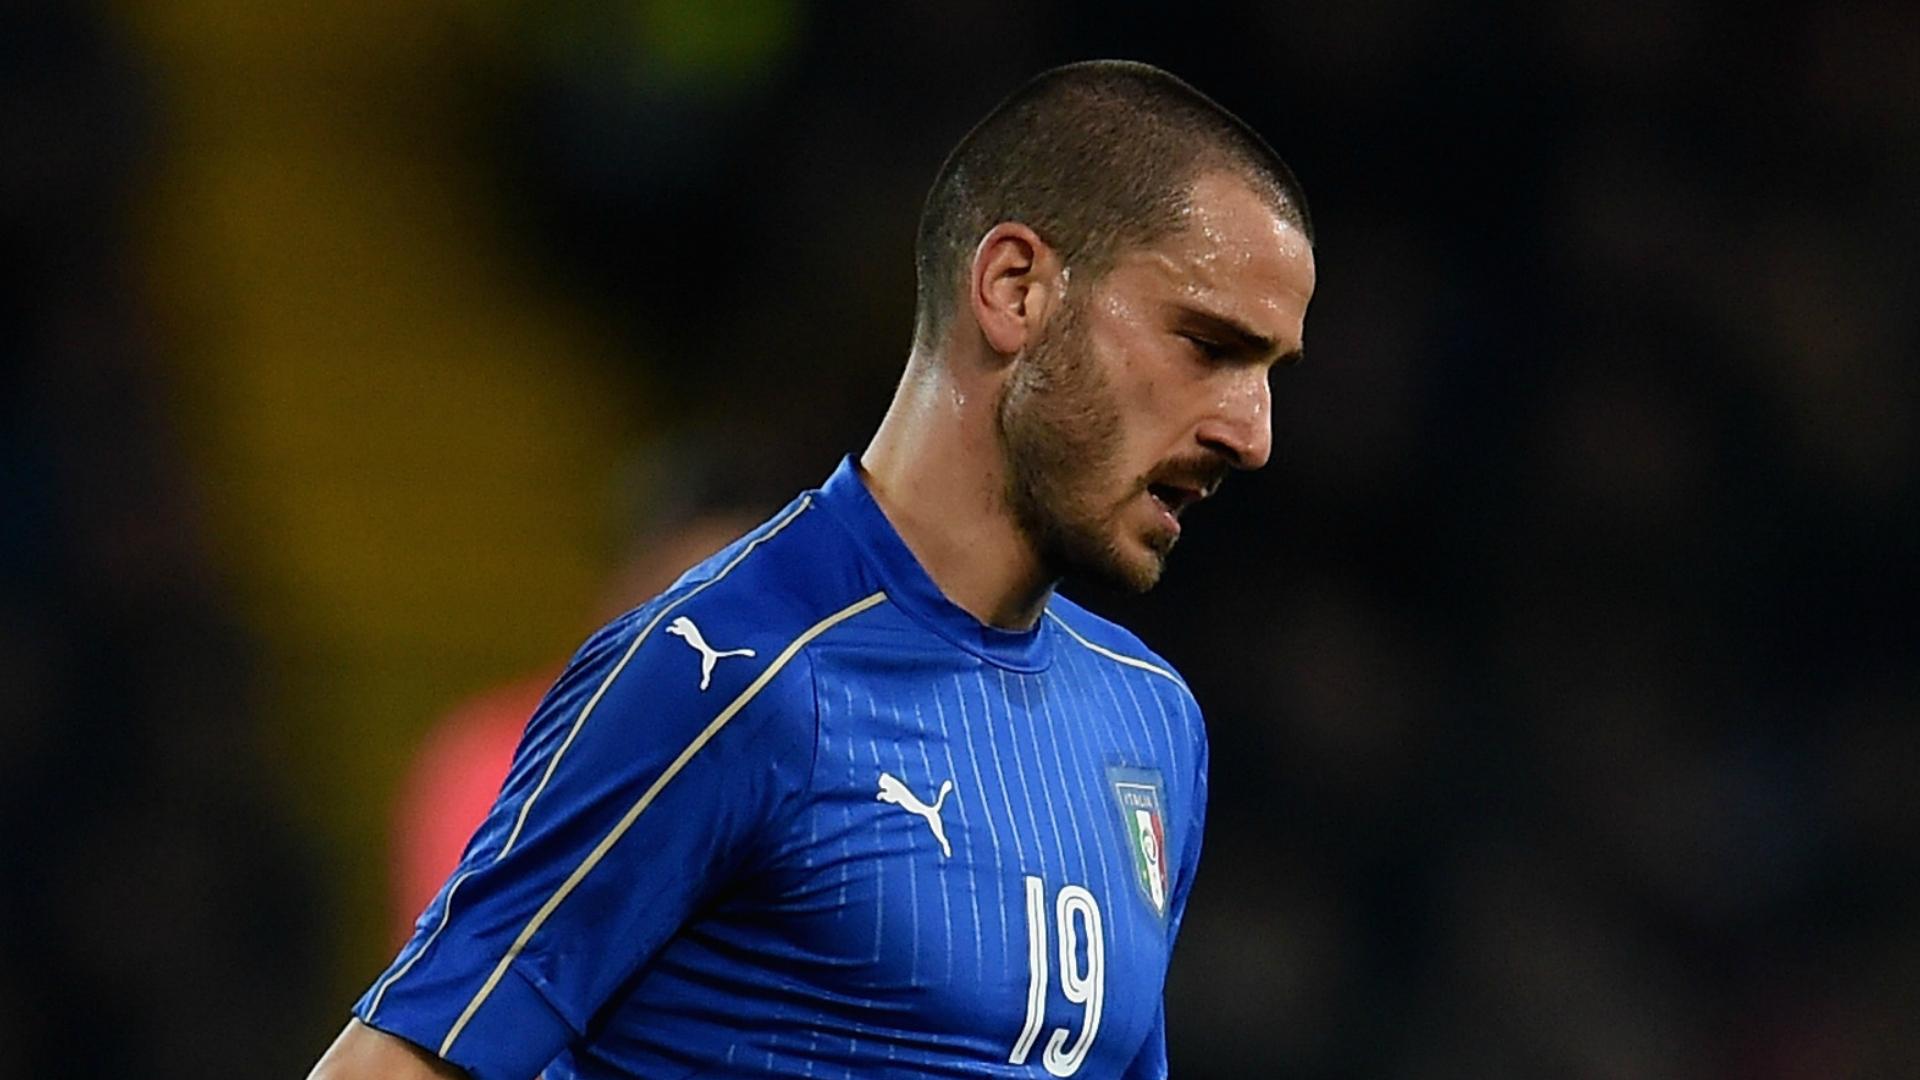 Germania-Italia, Bonucci ko: Juventus in ansia